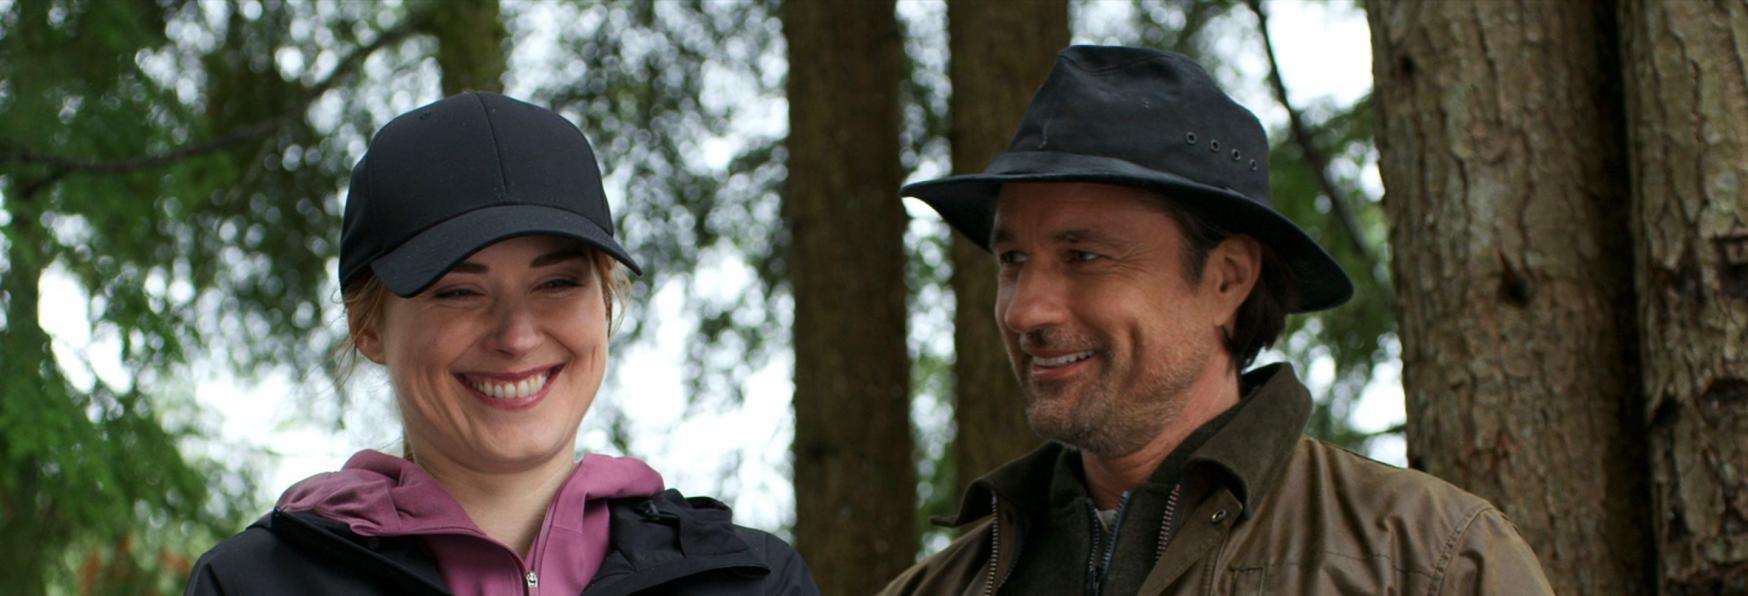 Virgin River 3: Pubblicato il Trailer della nuova Stagione della Serie TV Netflix